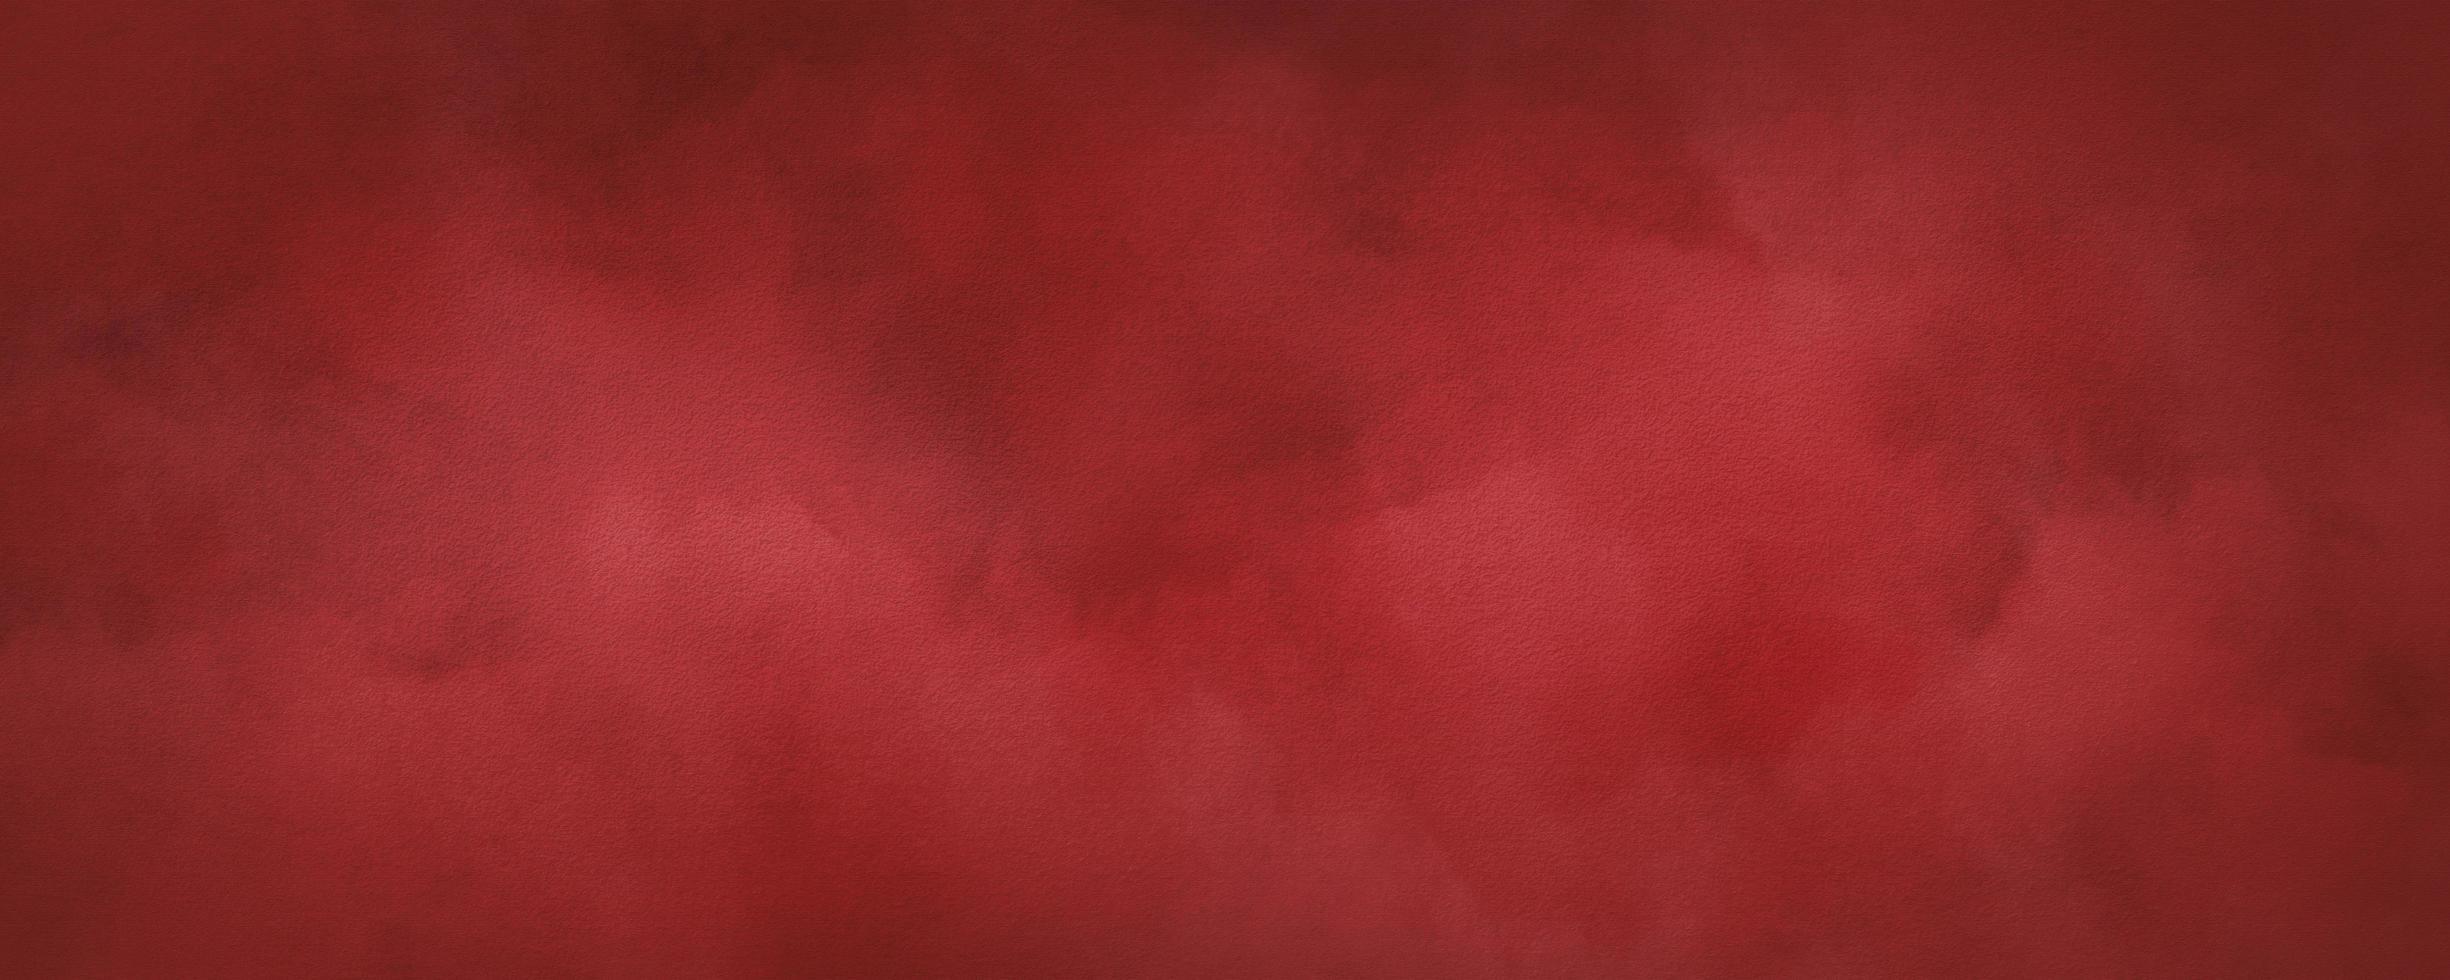 fond de papier rouge abstrait photo